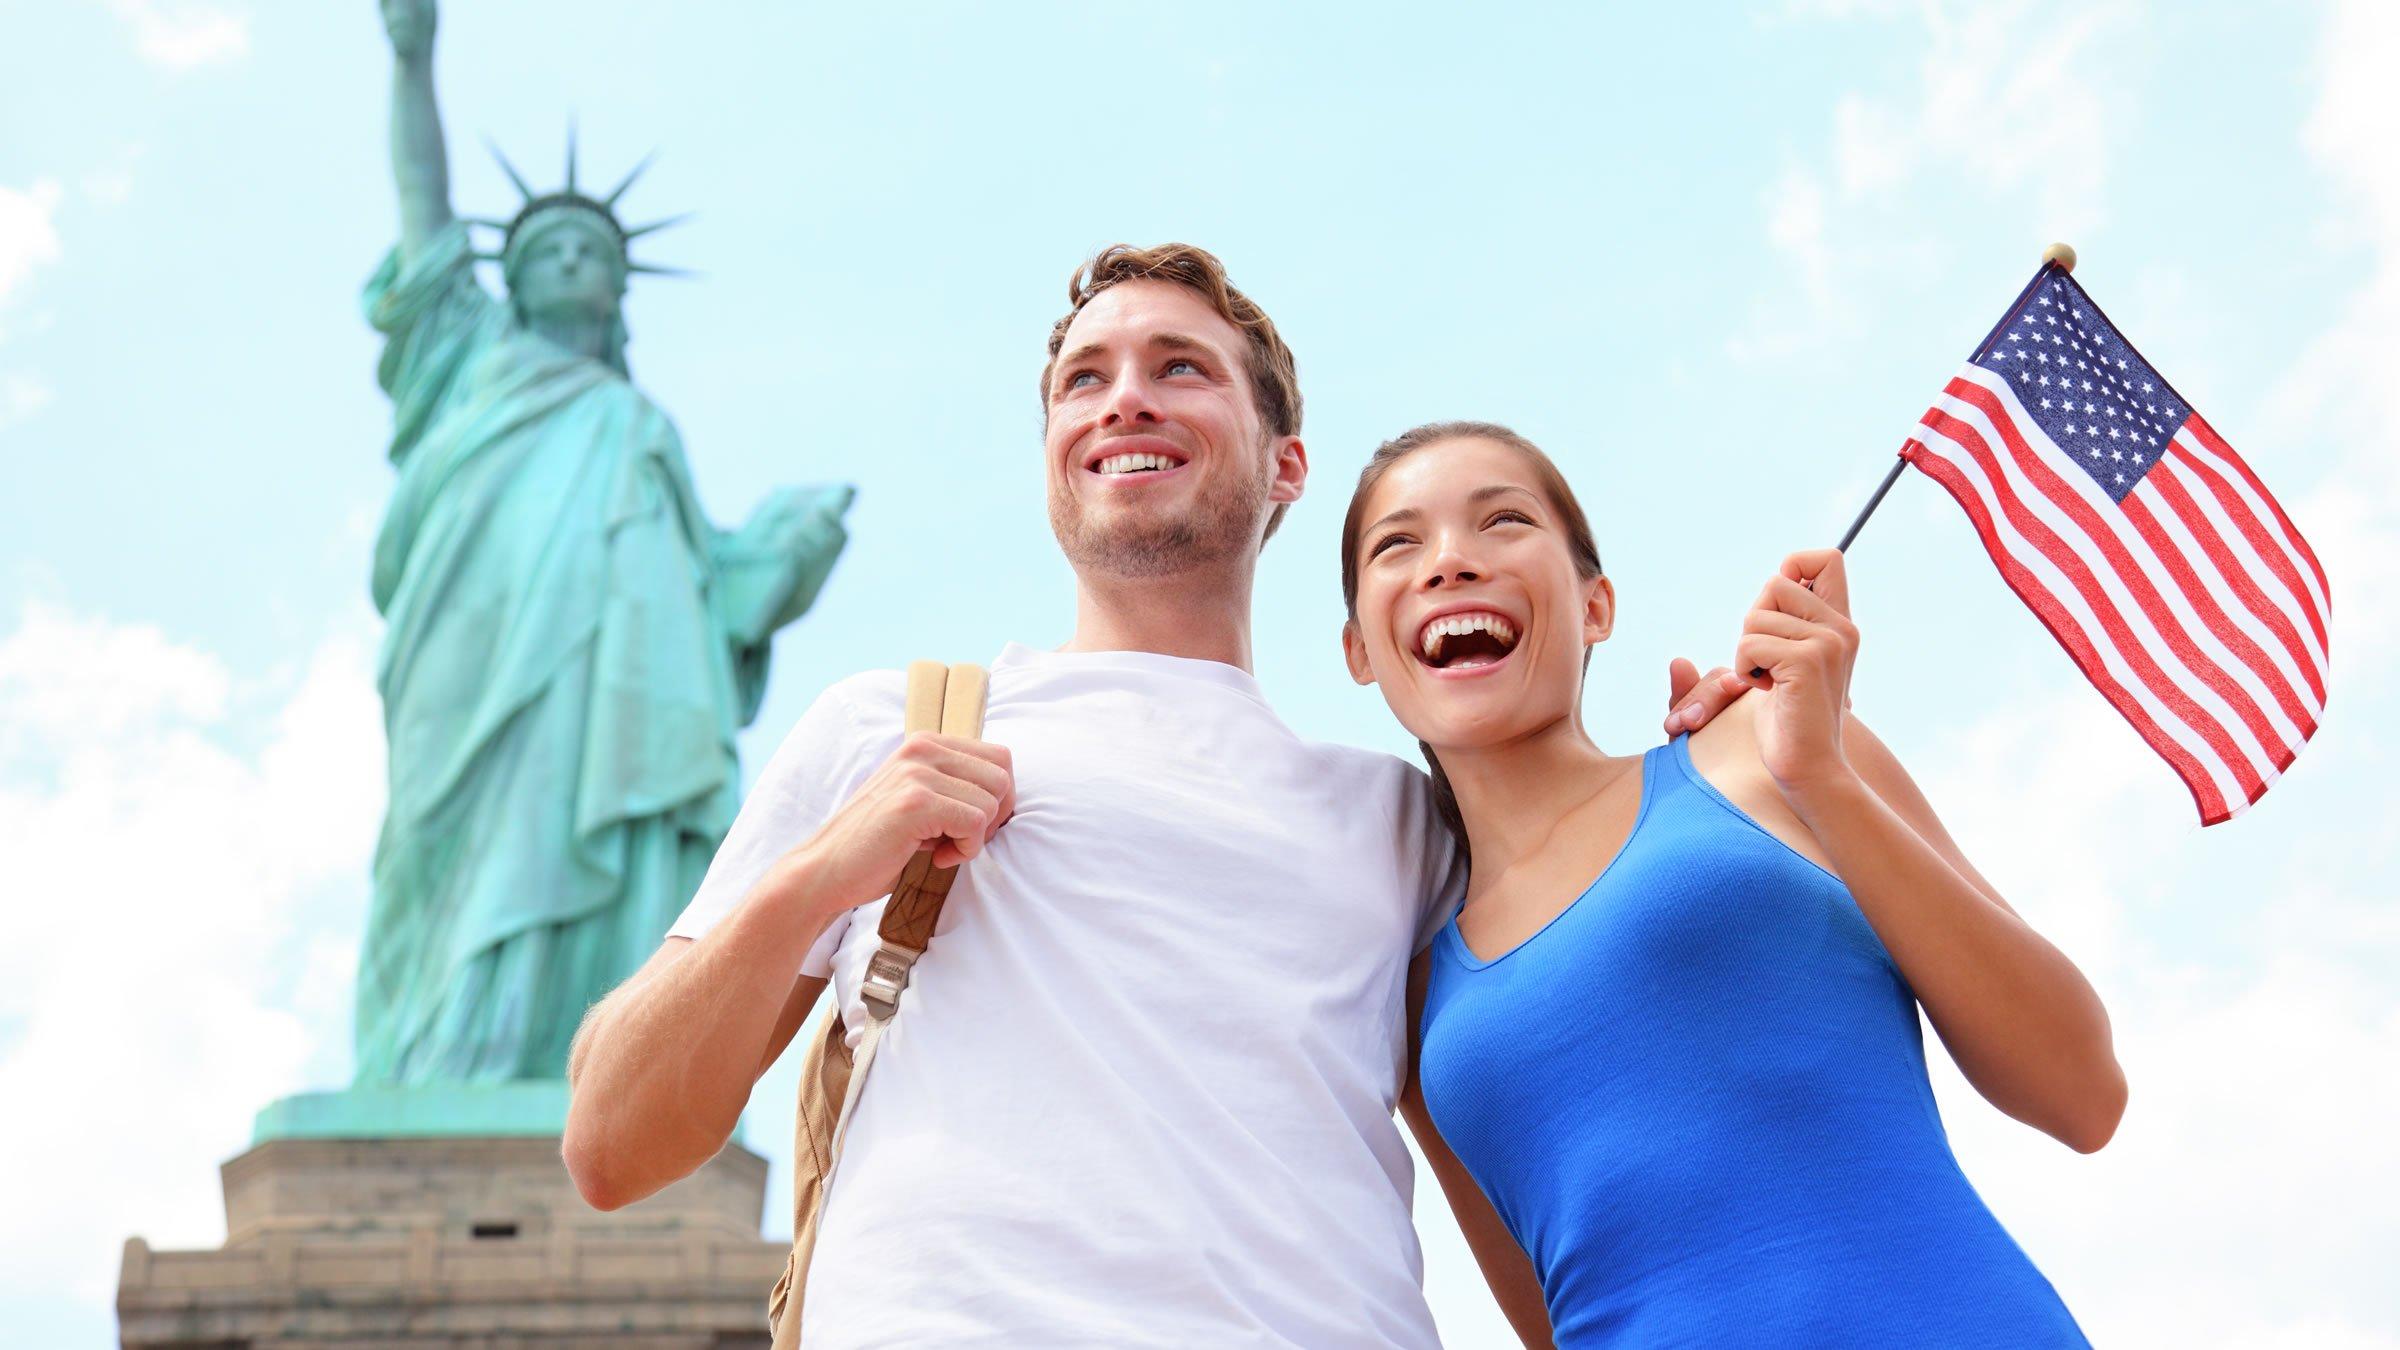 Recomendaciones Para Las Personas Que Van A Viajar A Eeuu: Documentos Para Viajar A Estados Unidos